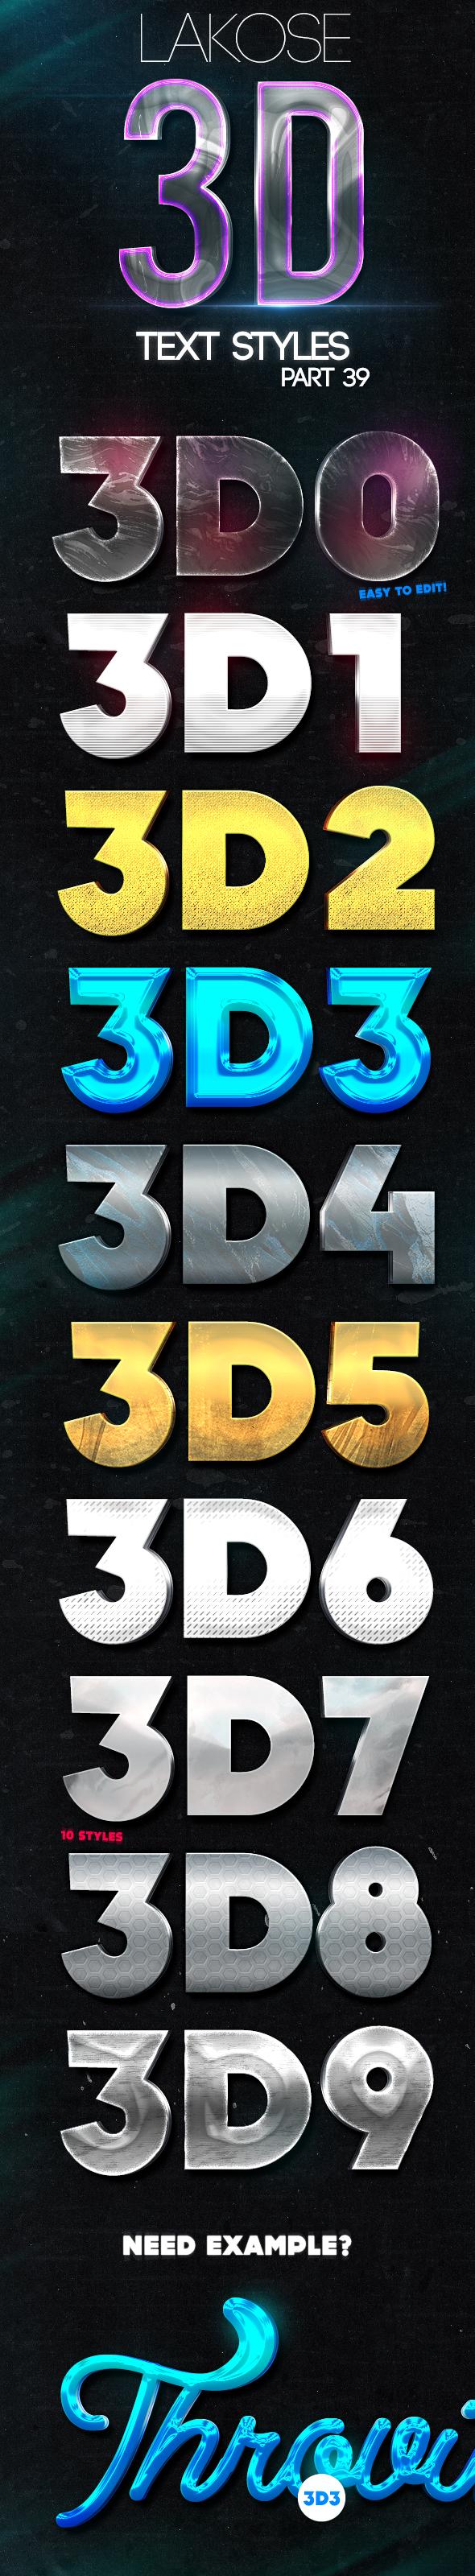 Lakose 3D Text Styles Part 39